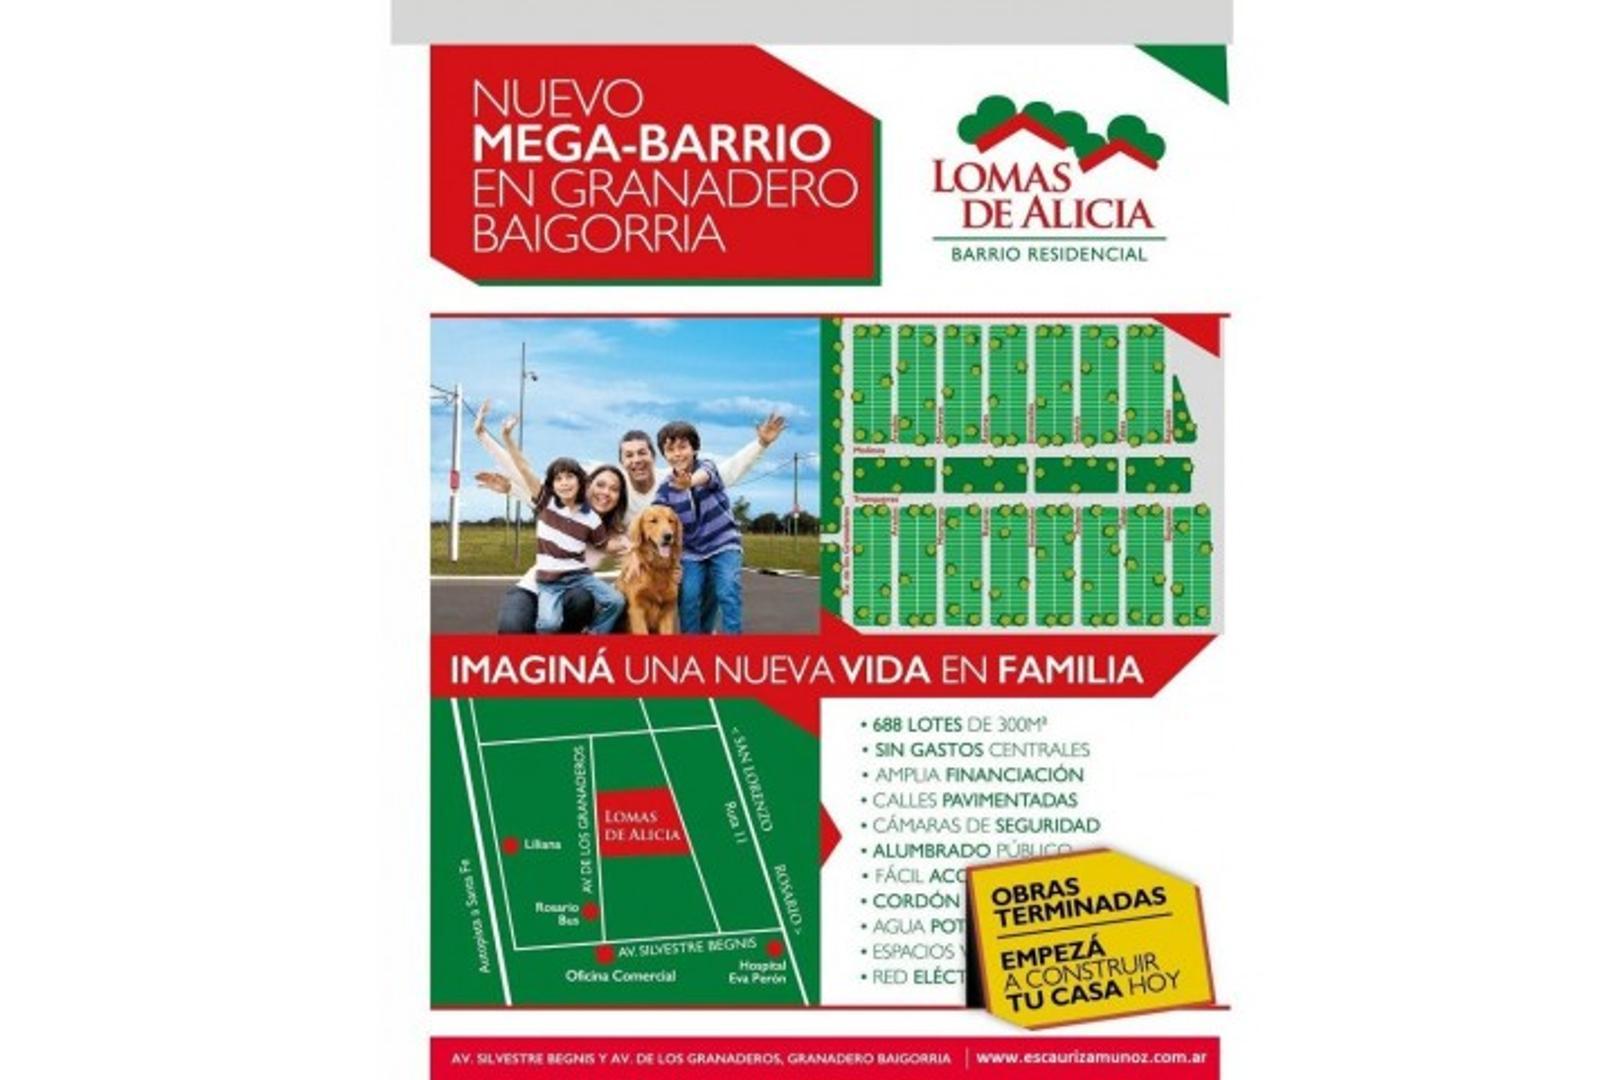 Granadero Baigorria: Barrio abierto Lomas de Alicia, Terrenos de 300 m2 en Venta, Santa Fe, Arg...